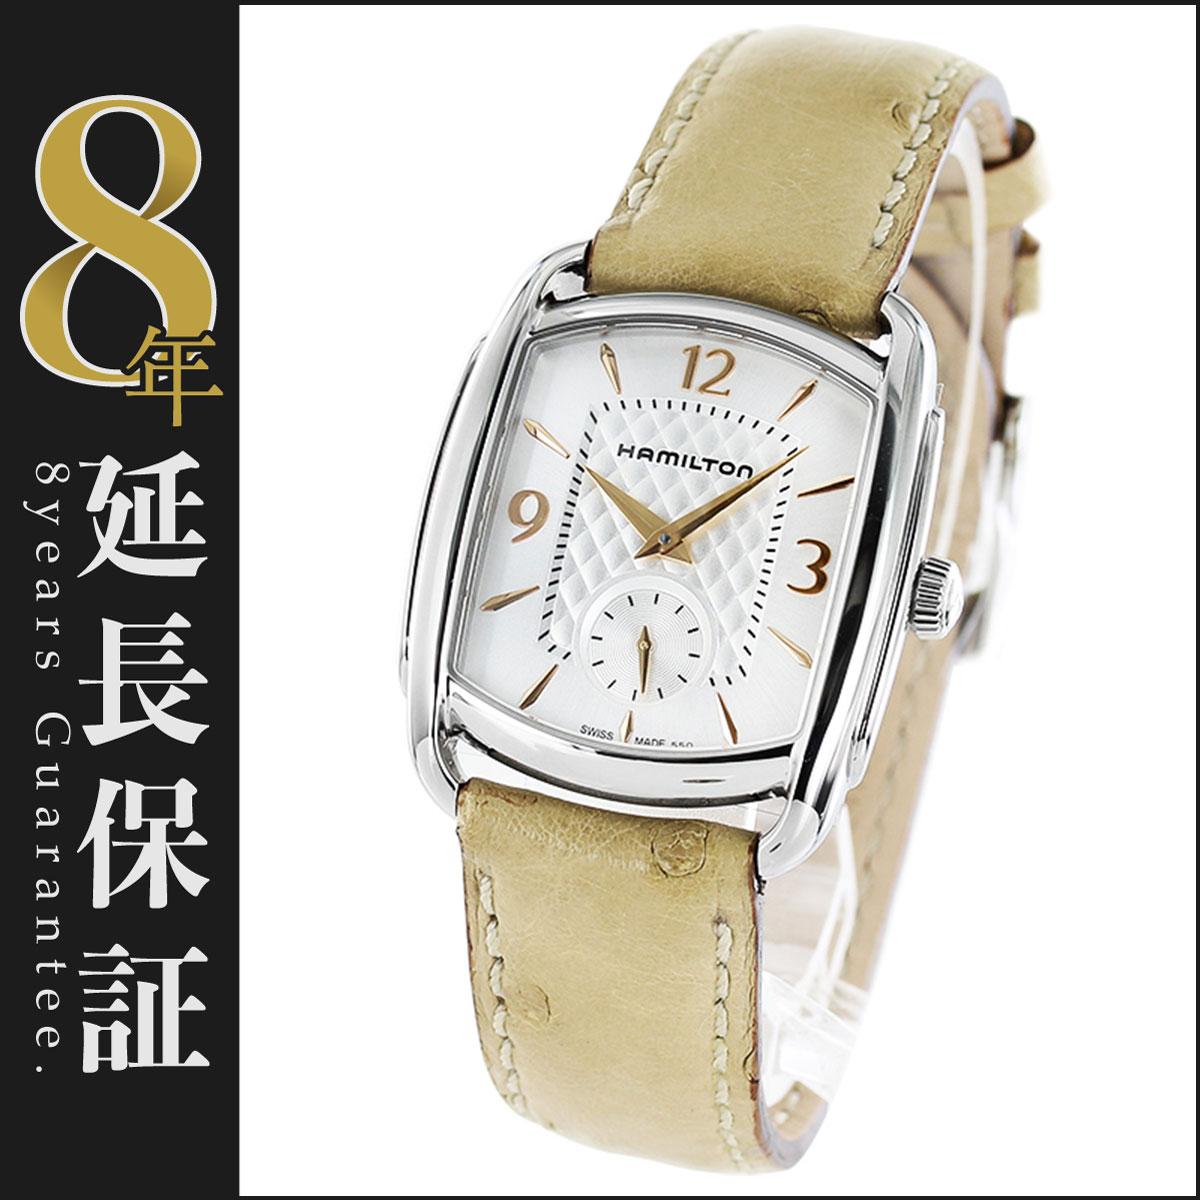 6ef533c45e ハミルトン バグリー オーストリッチレザー 腕時計 ユニセックス HAMILTON H12451855_8 [送料無料][対応][ハミルトン ][H12451855][HAMILTON][時計][新品]